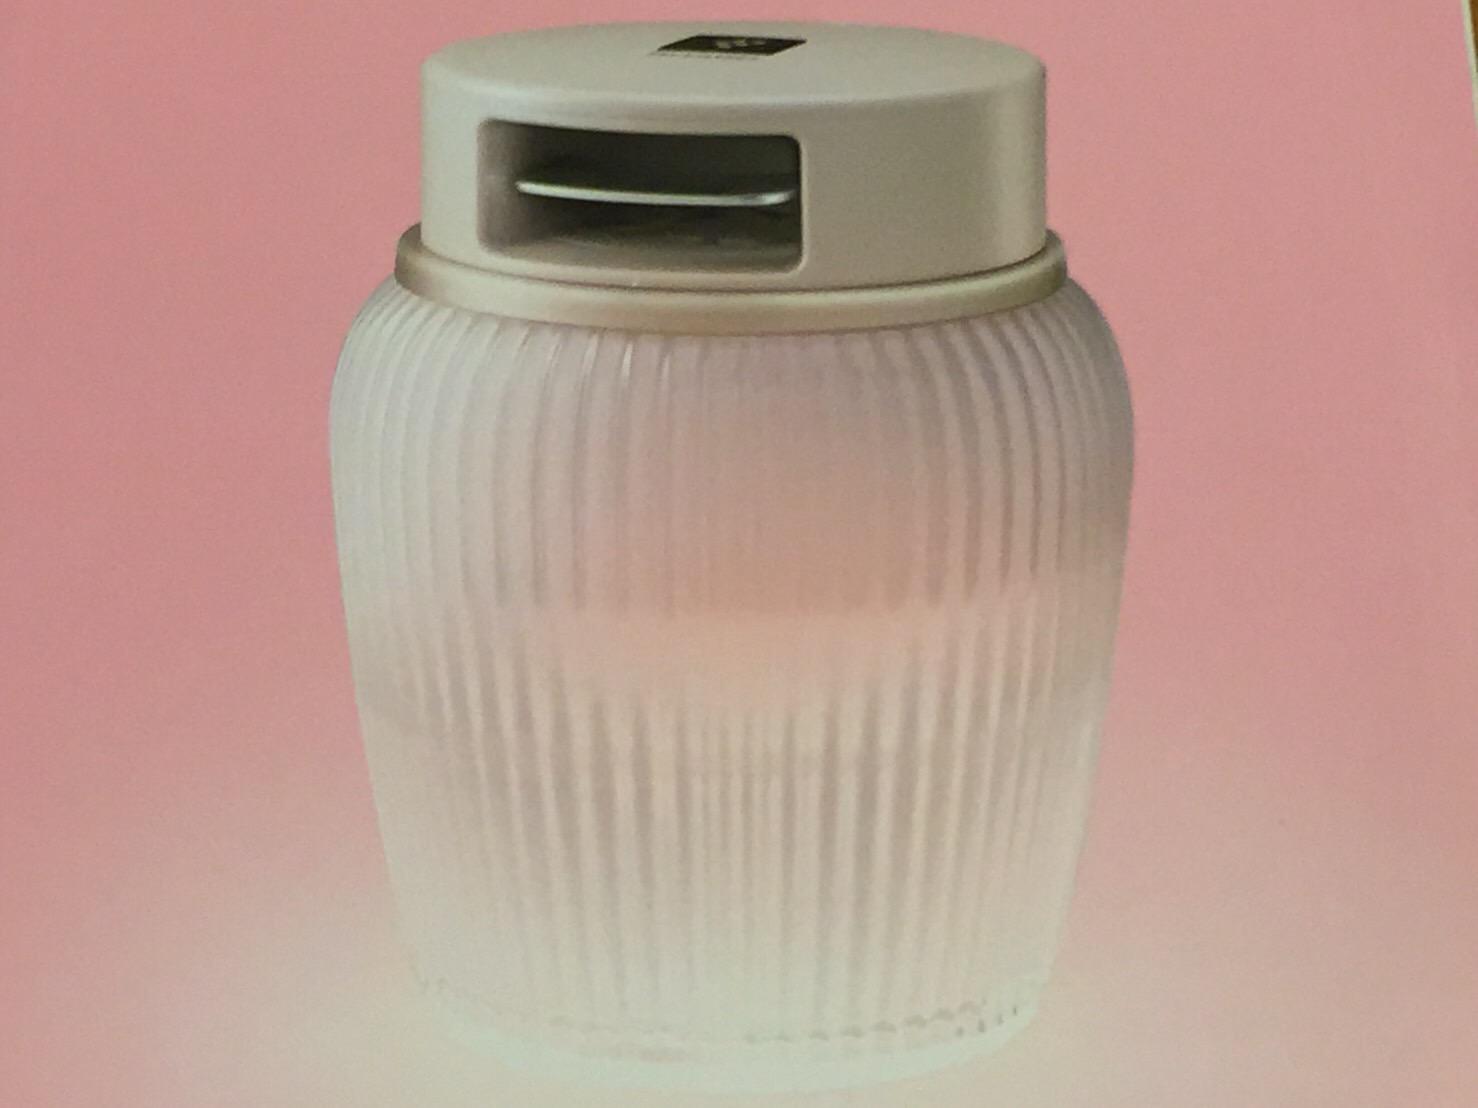 シャープのプラズマクラスターイオン発生機で美肌ケア・除菌消臭効果